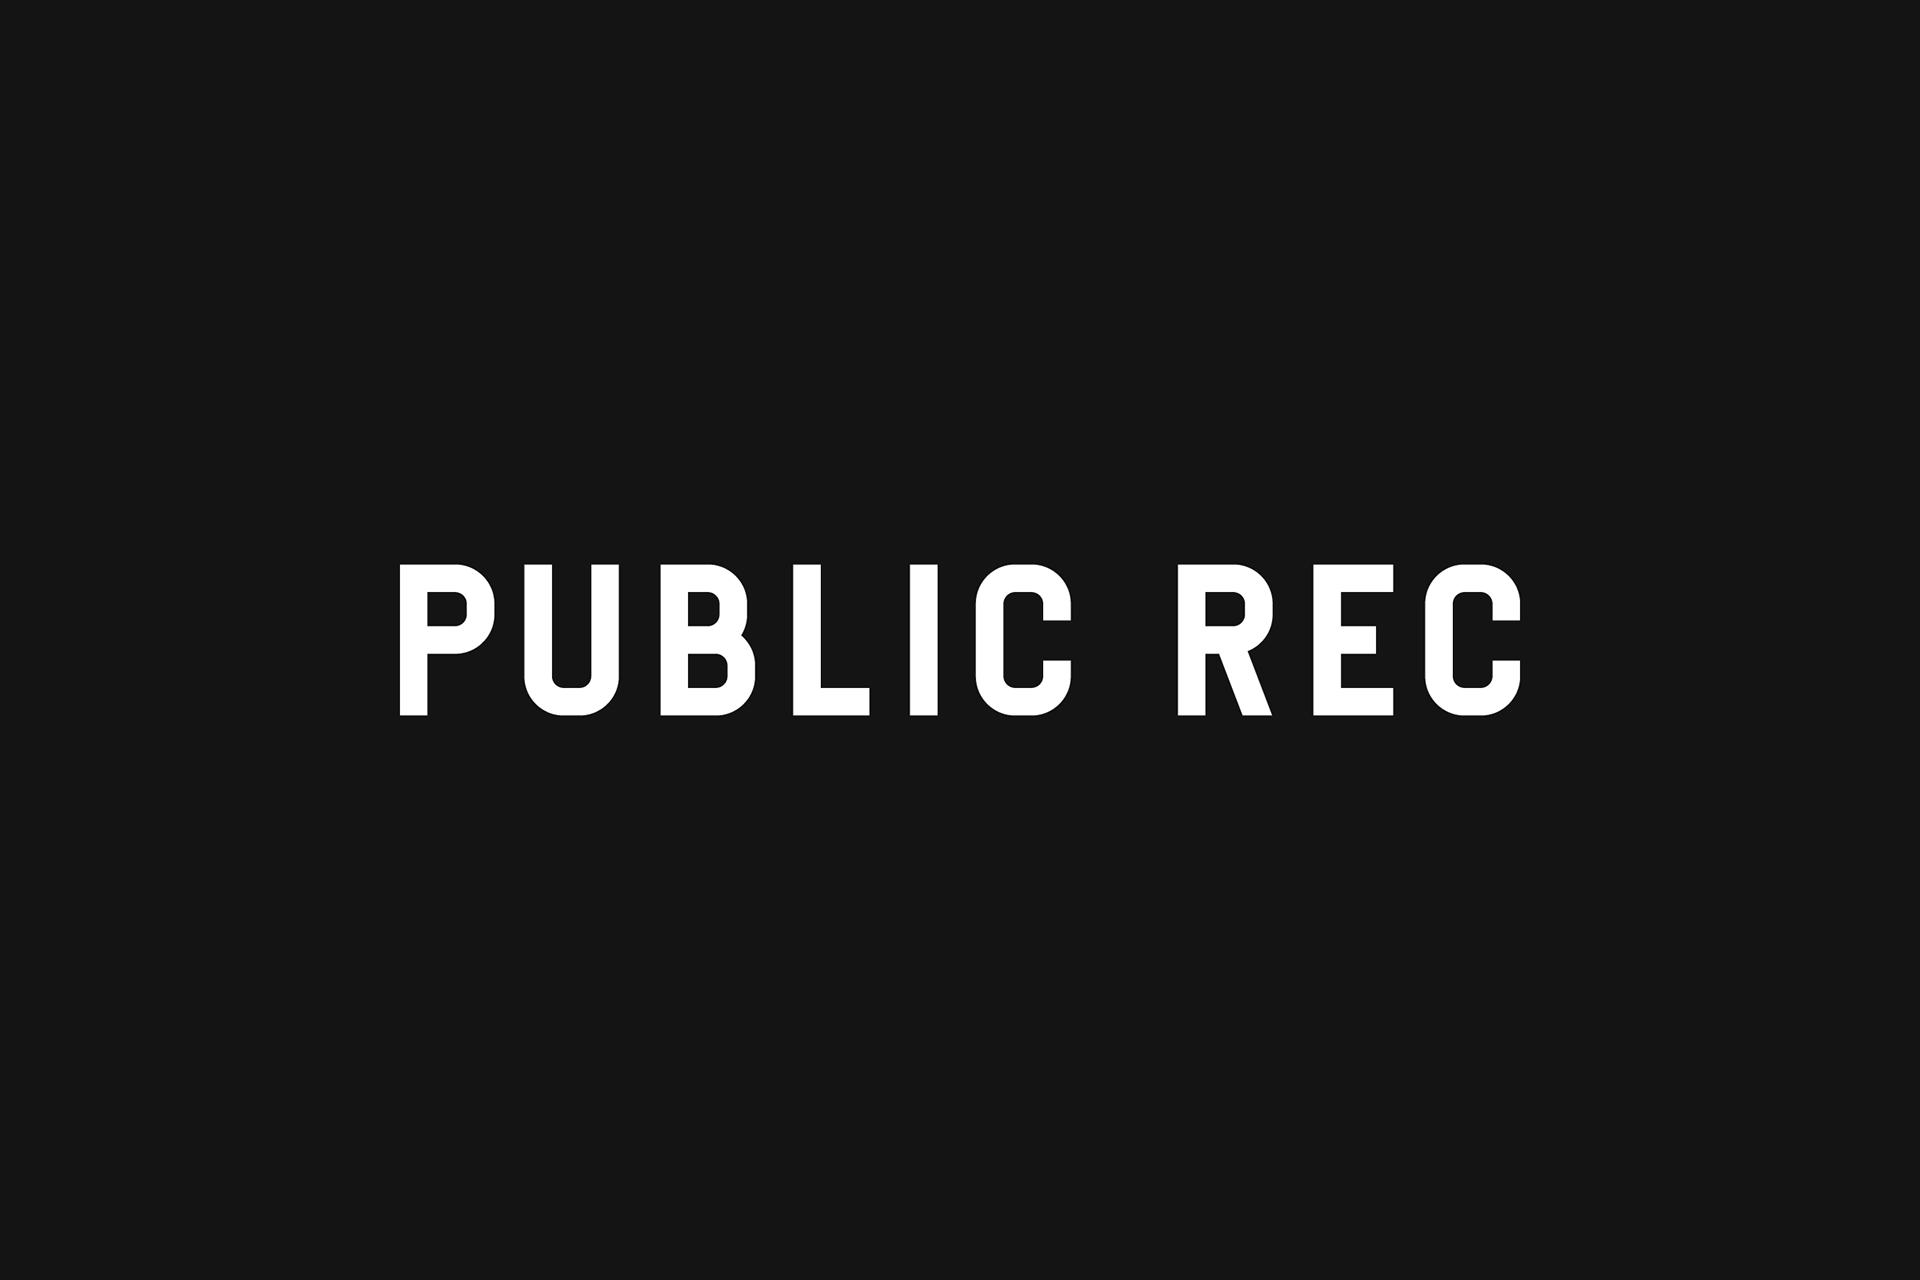 Public Rec - Menswear Branding on Behance